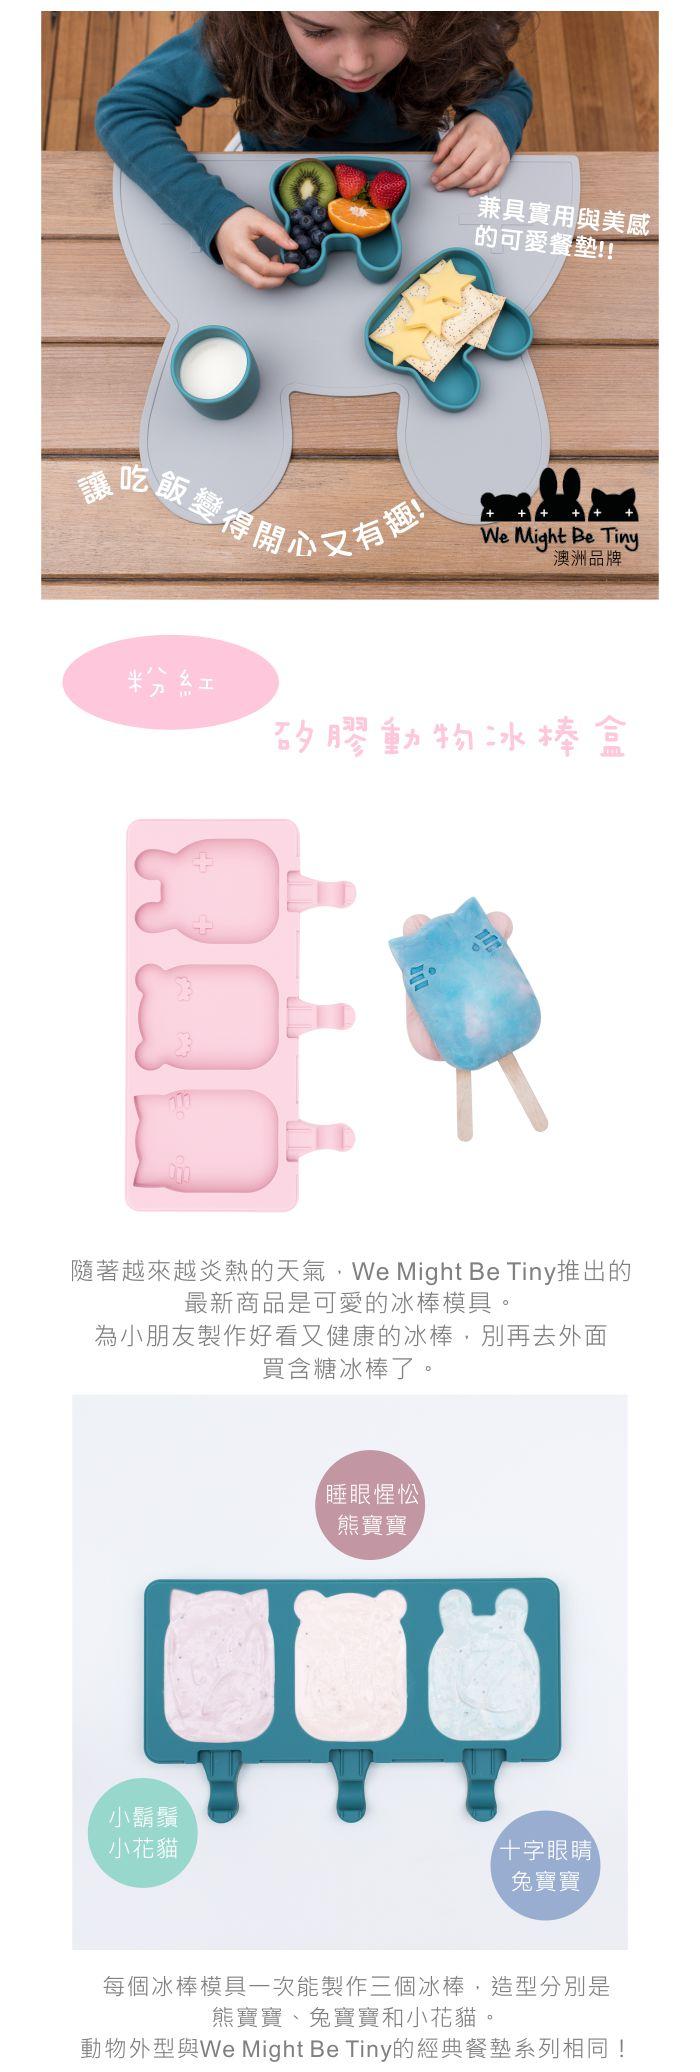 澳洲We Might Be Tiny|矽膠動物冰棒盒-粉紅